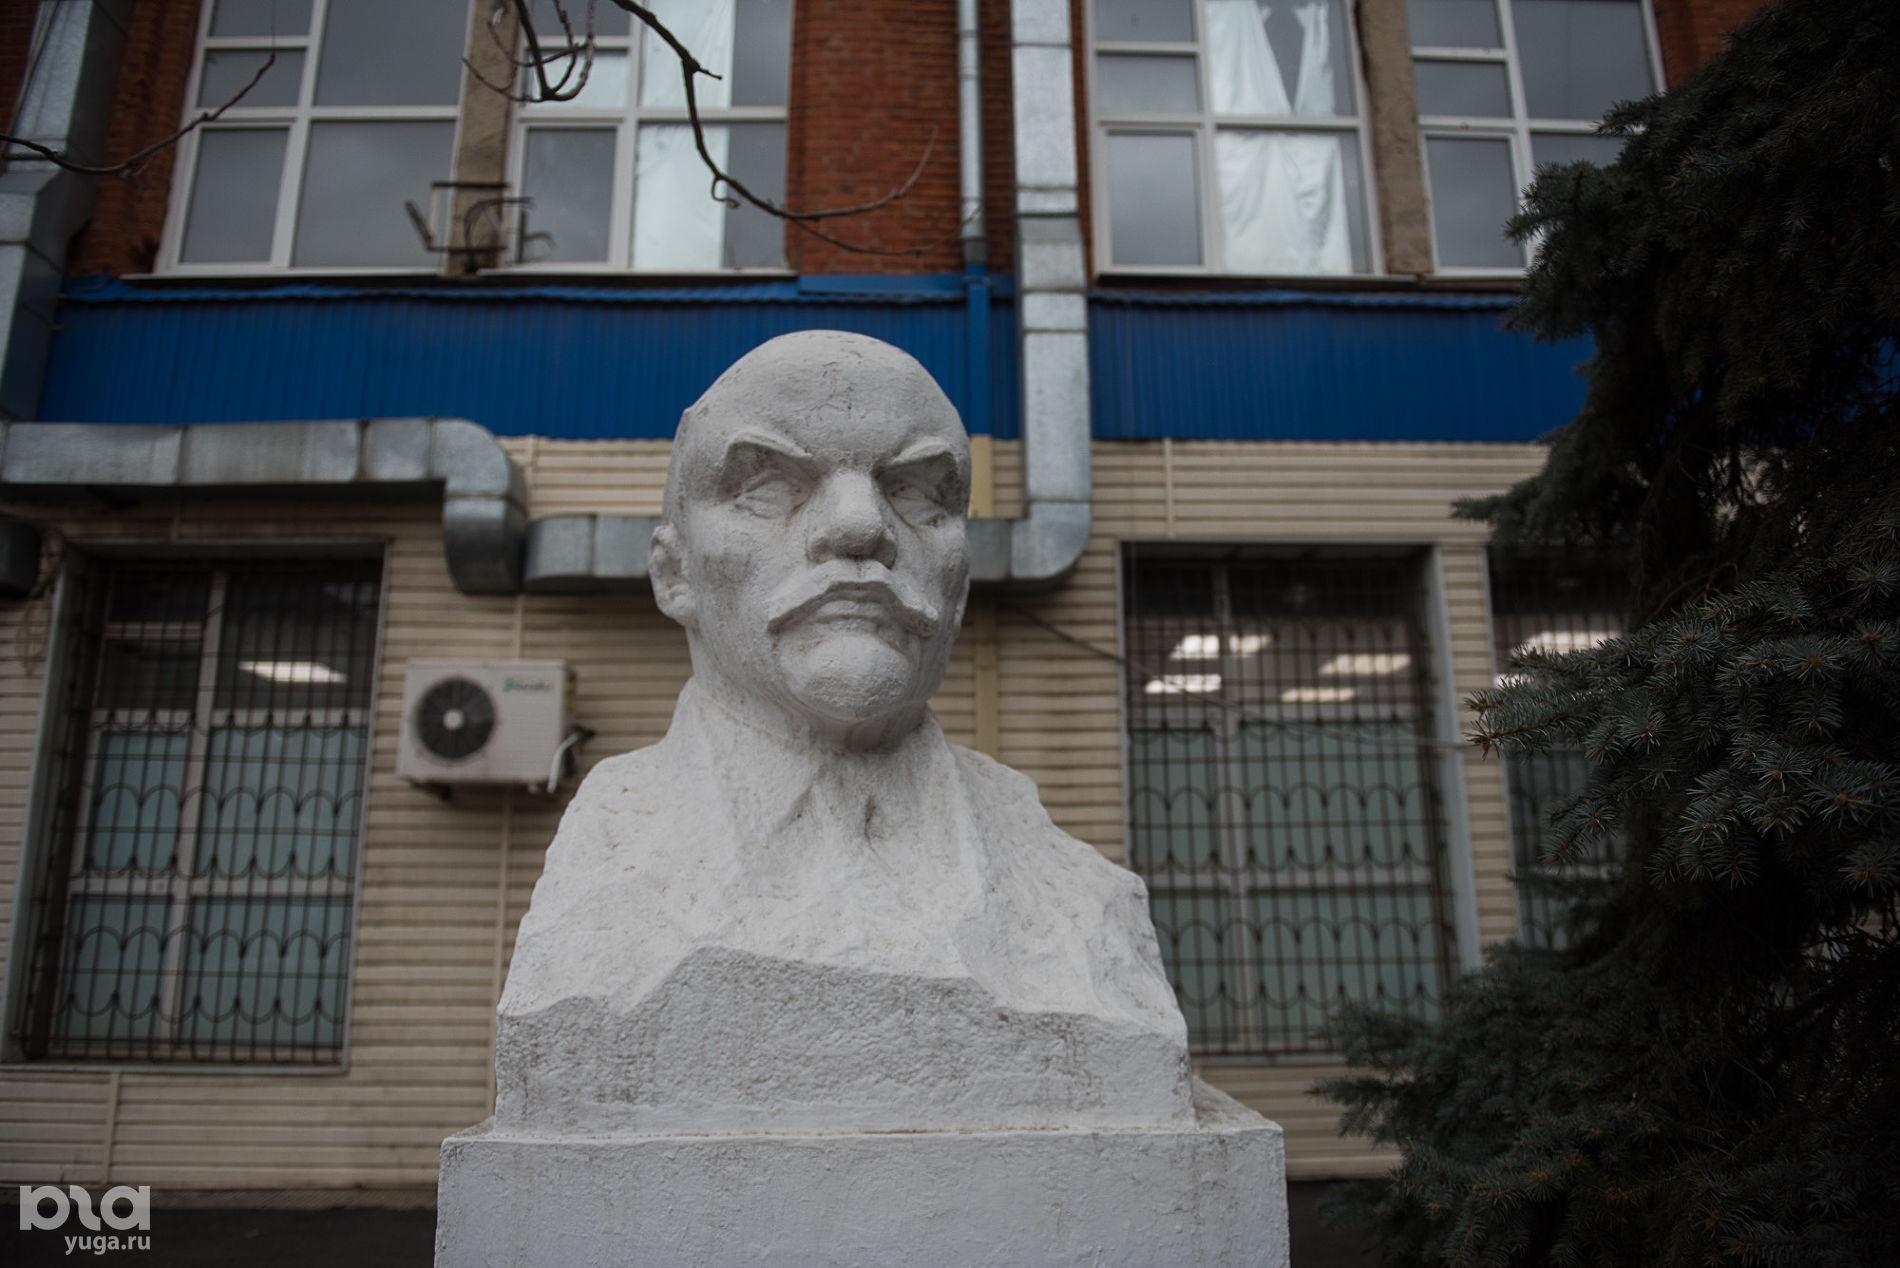 Бюст Ленина во дворе БЦ «Кавказ» на улице Коммунаров ©Фото Елены Синеок, Юга.ру